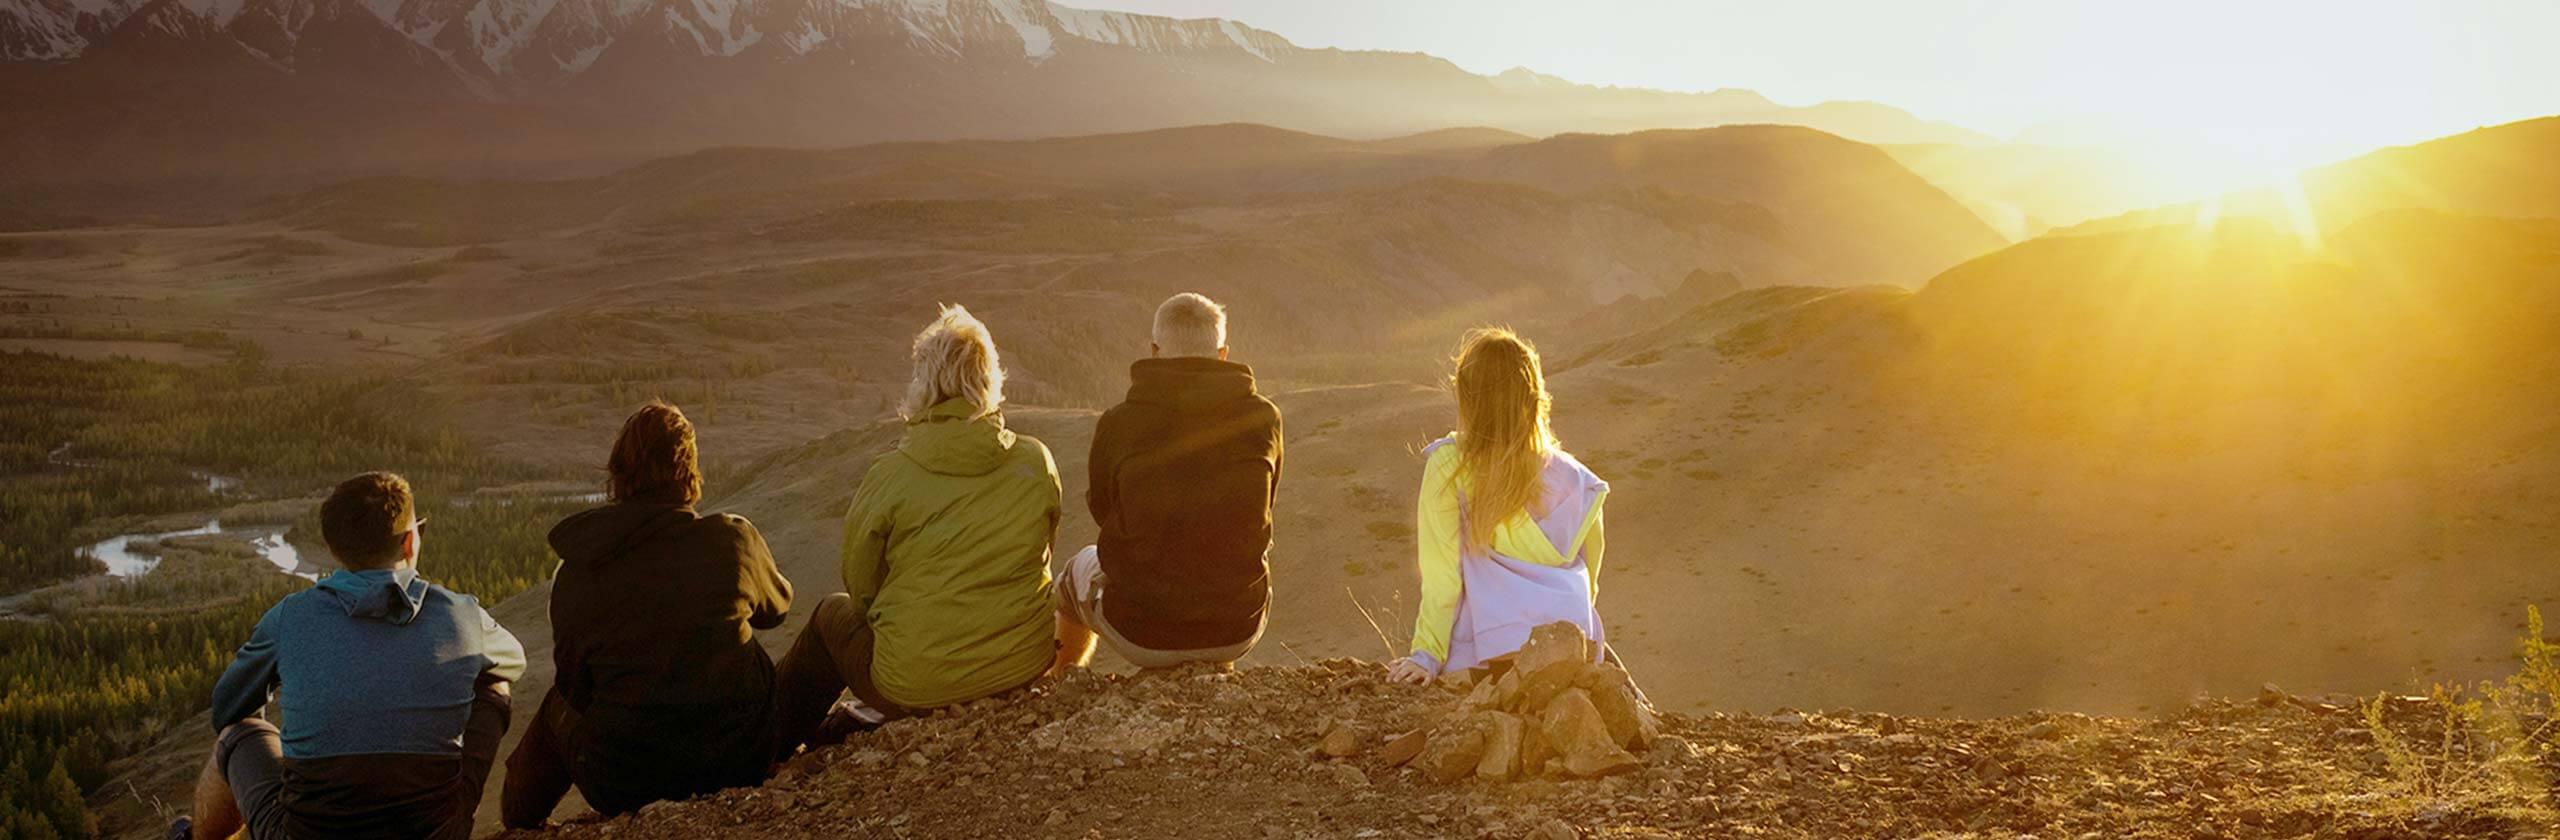 Família na montanha apreciando a paisagem